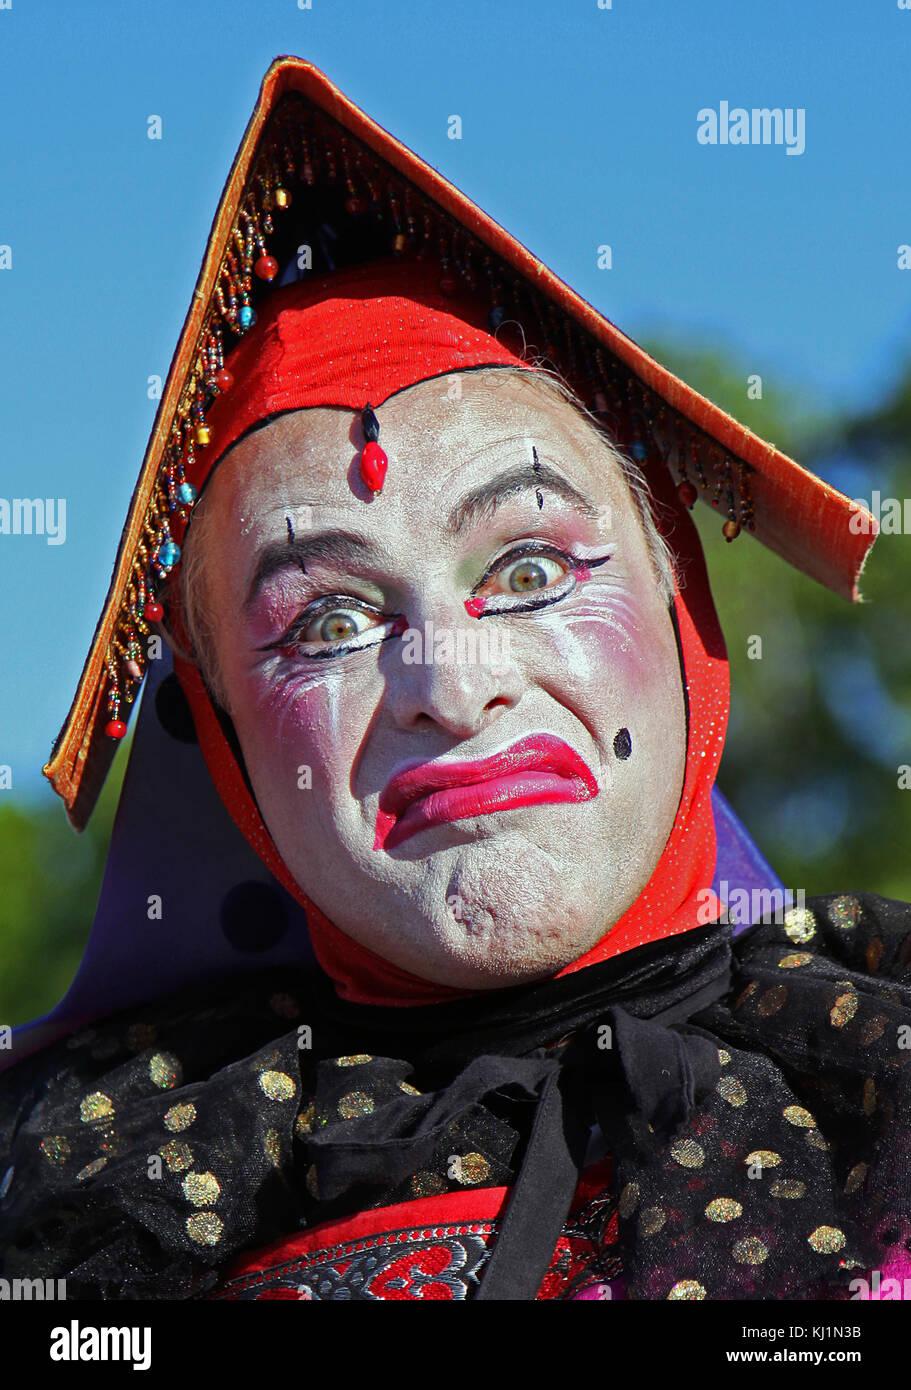 lA charachter at a Renaissance, Festival - Stock Image